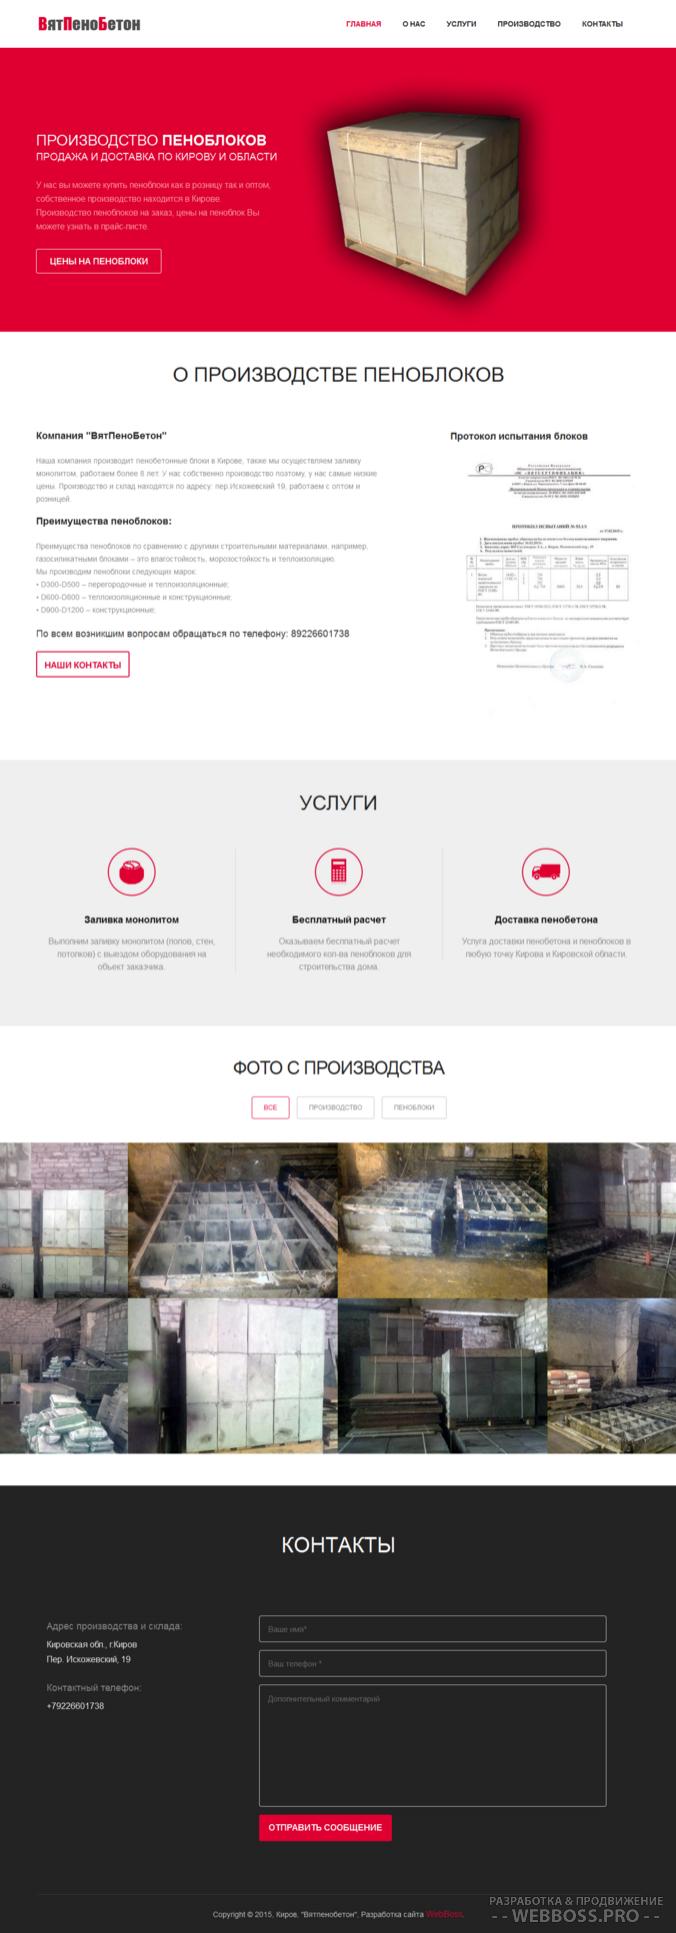 Создание сайта: Сайт продажи пеноблоков (после)